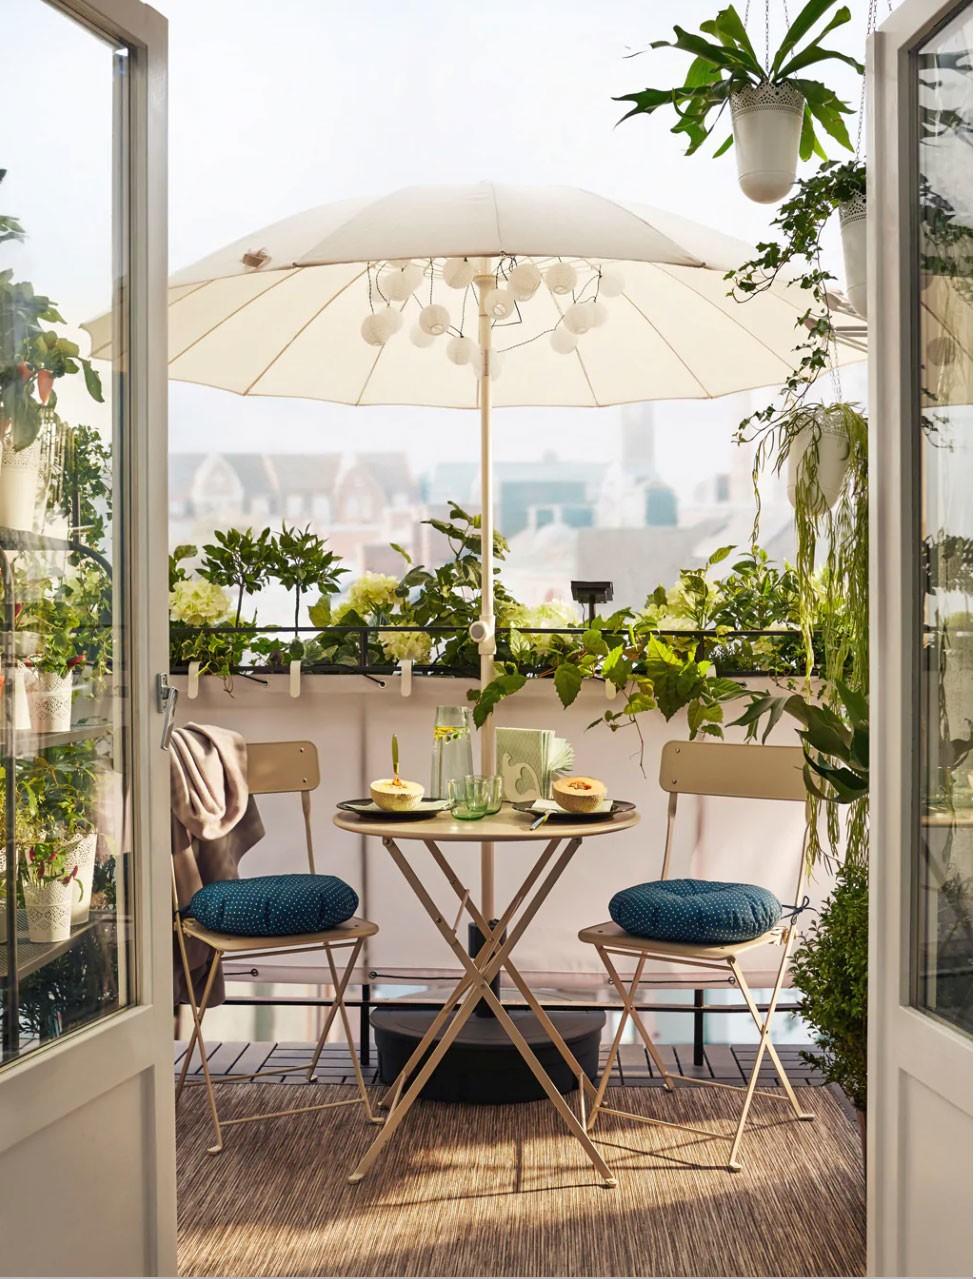 Idée pour un salon de jardin sur une petite terrasse avec des meubles Ikea